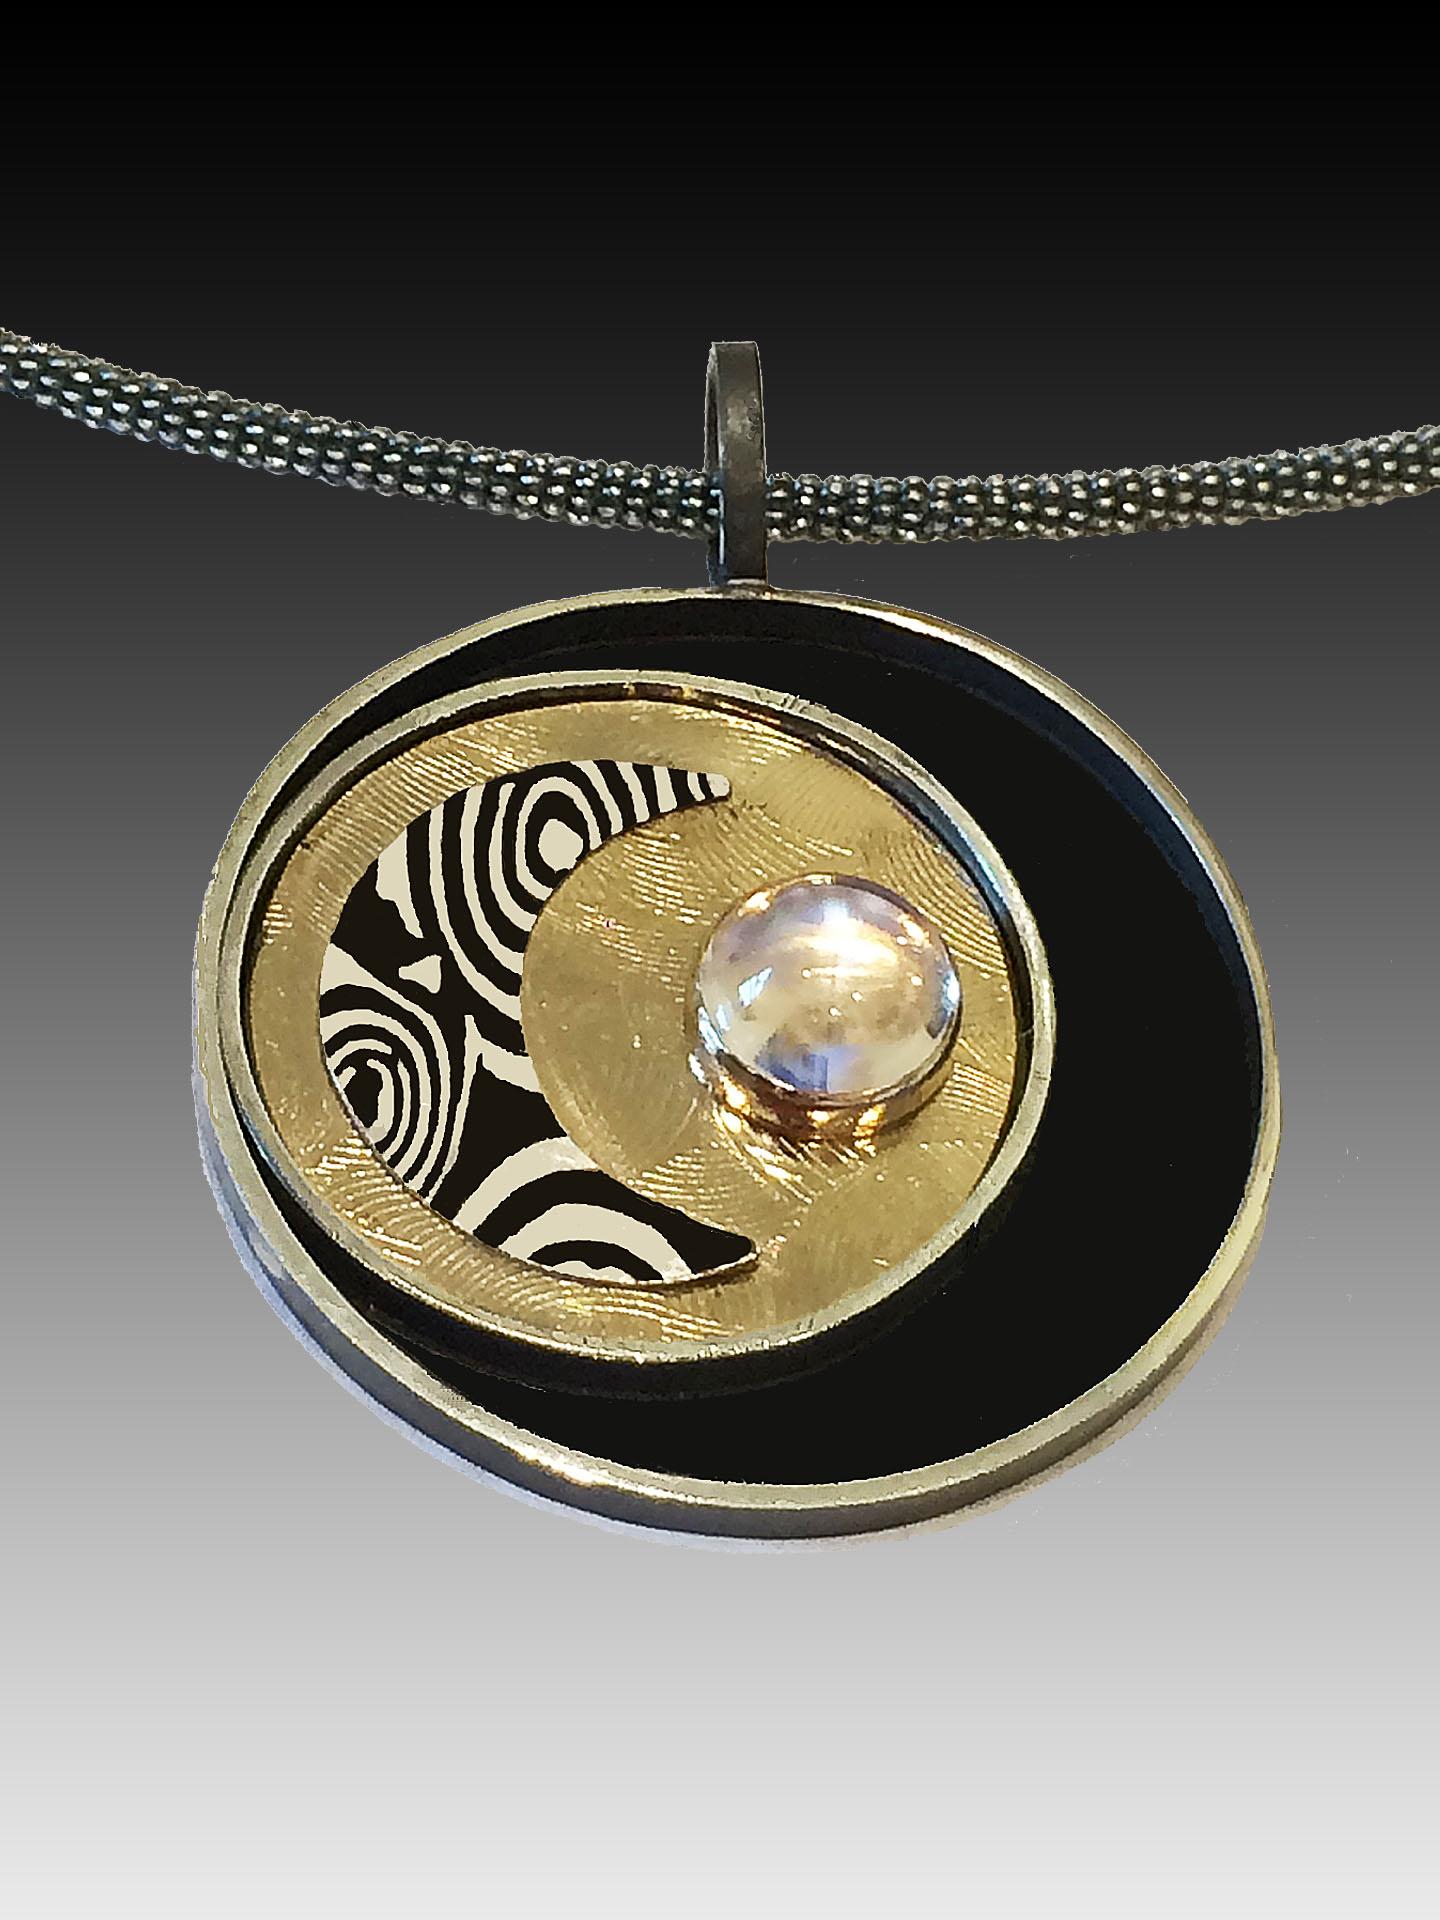 Moon & Star Pendant; Sterling Silver, 18K glod, Artist Made Mokume Gane & Moonstone